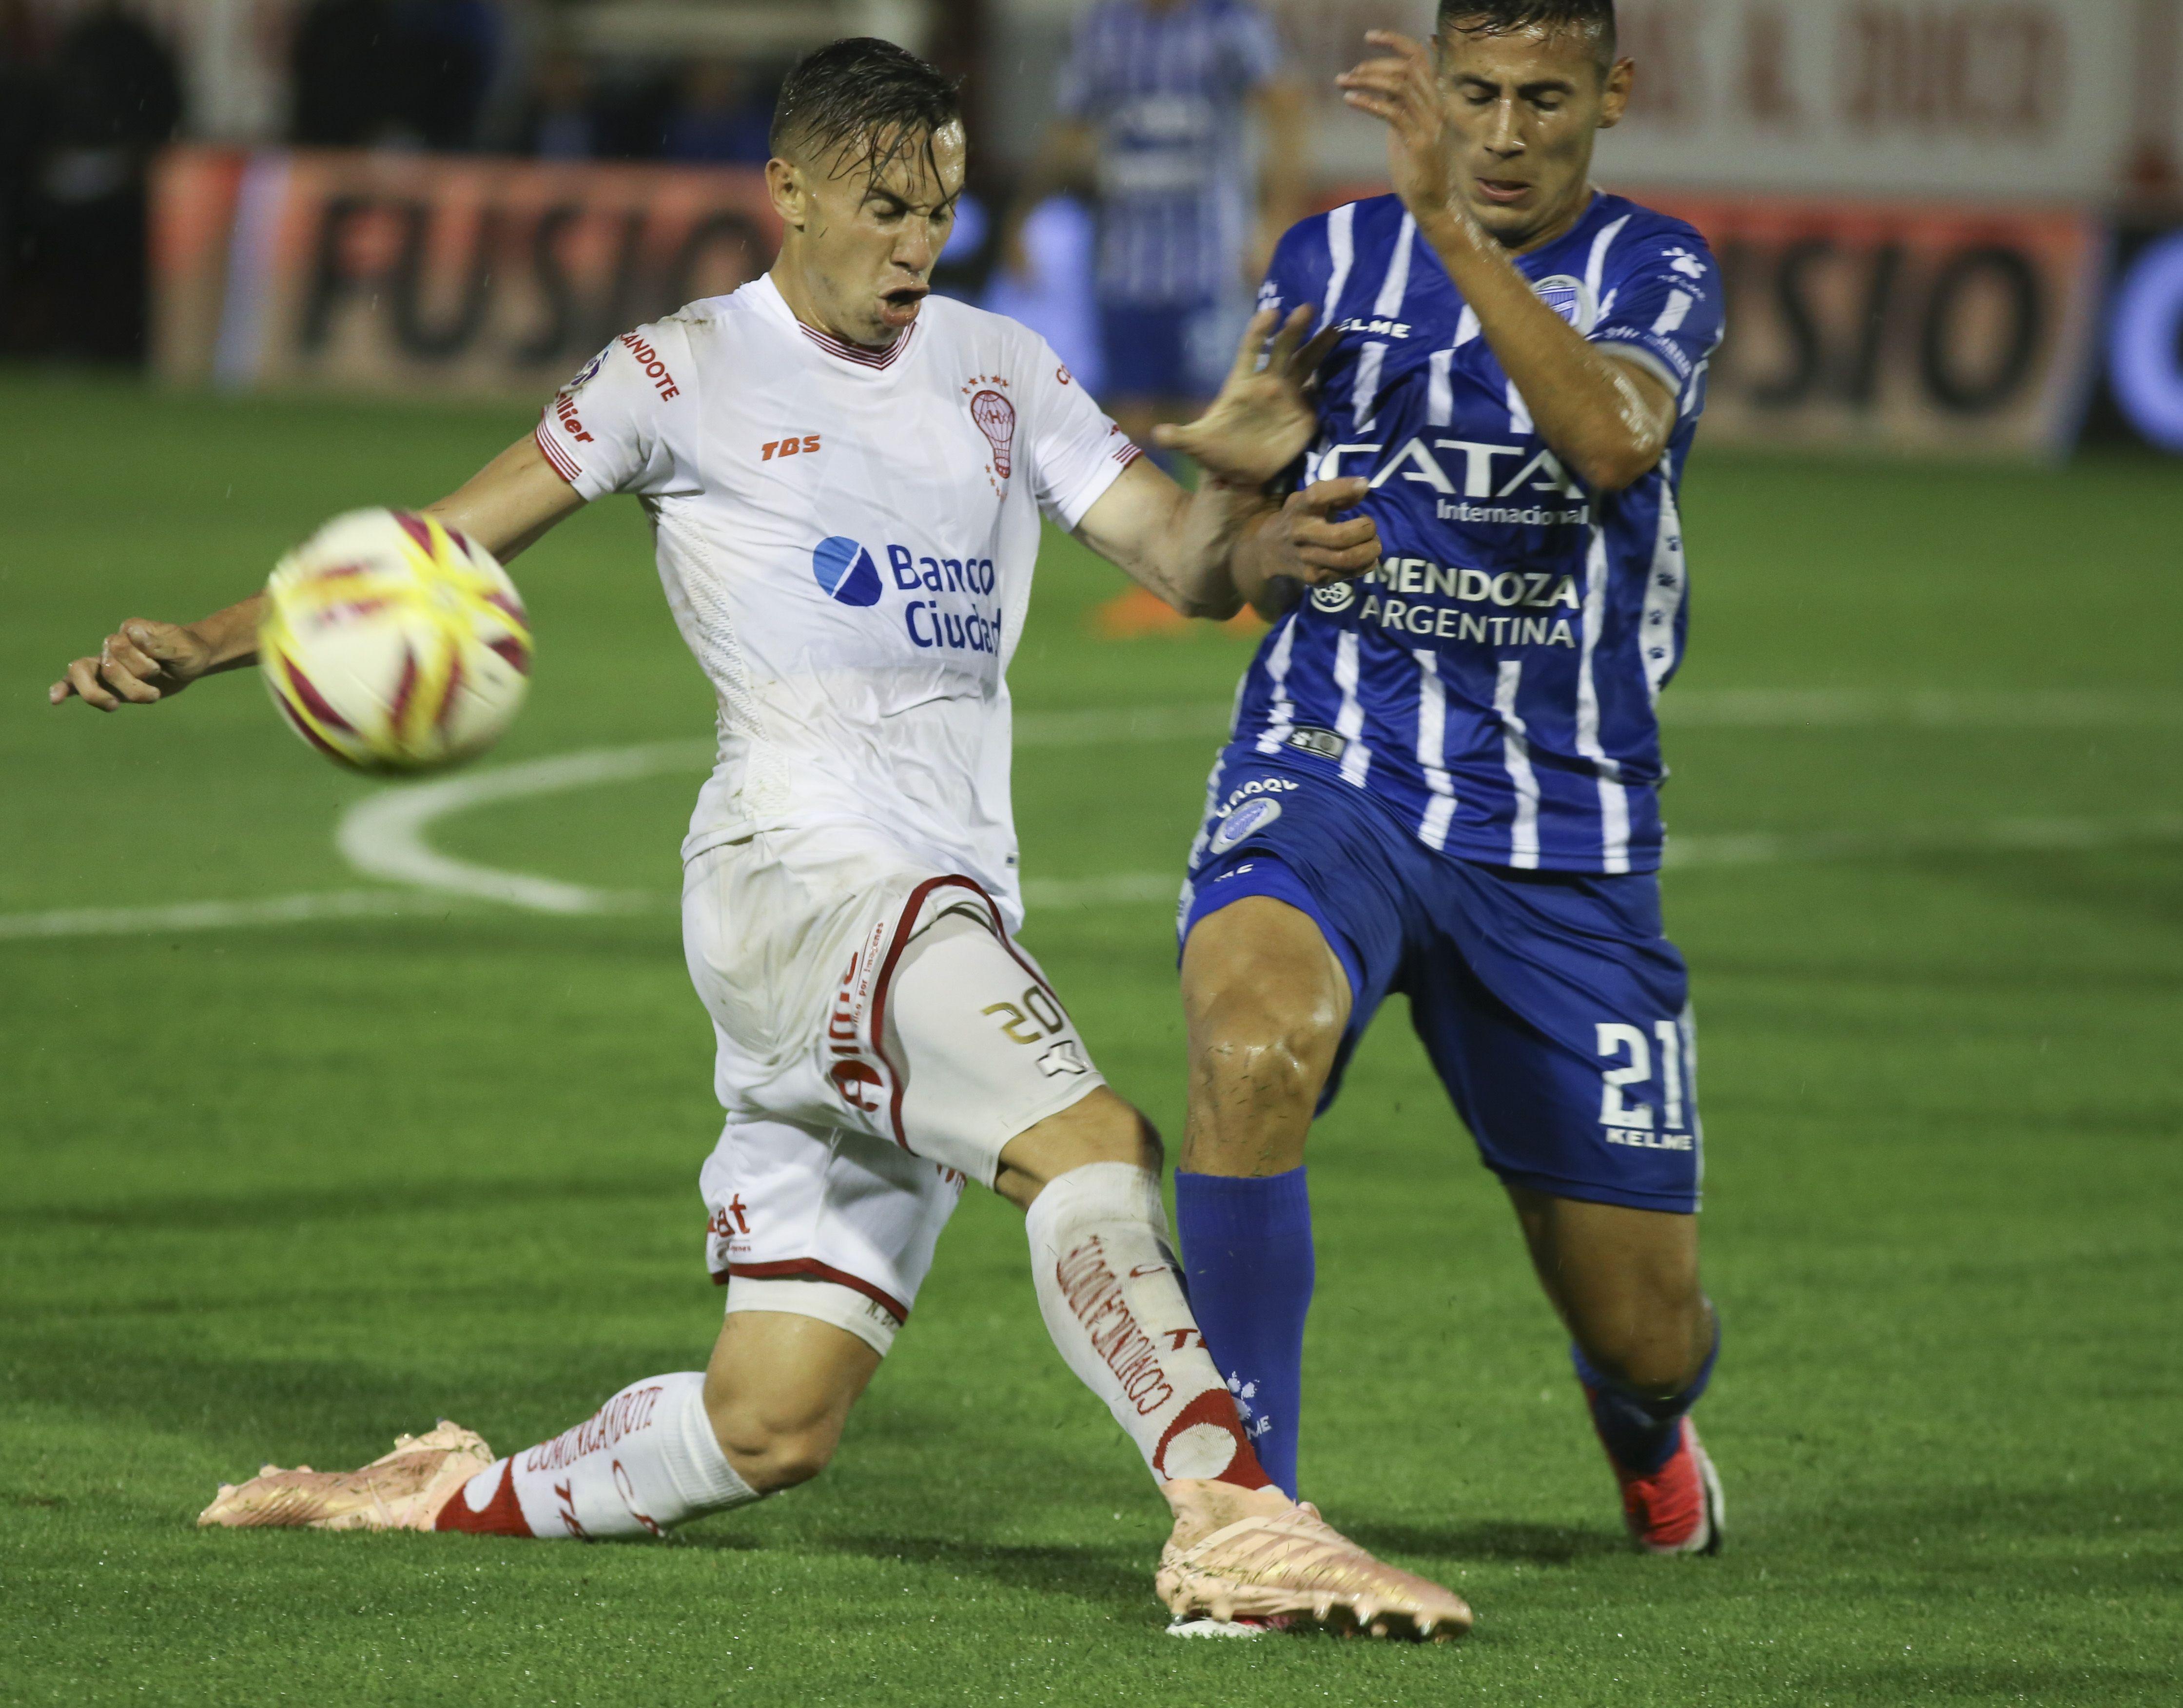 Huracán enfrenta a Godoy Cruz en el estadio de Instituto de Córdoba